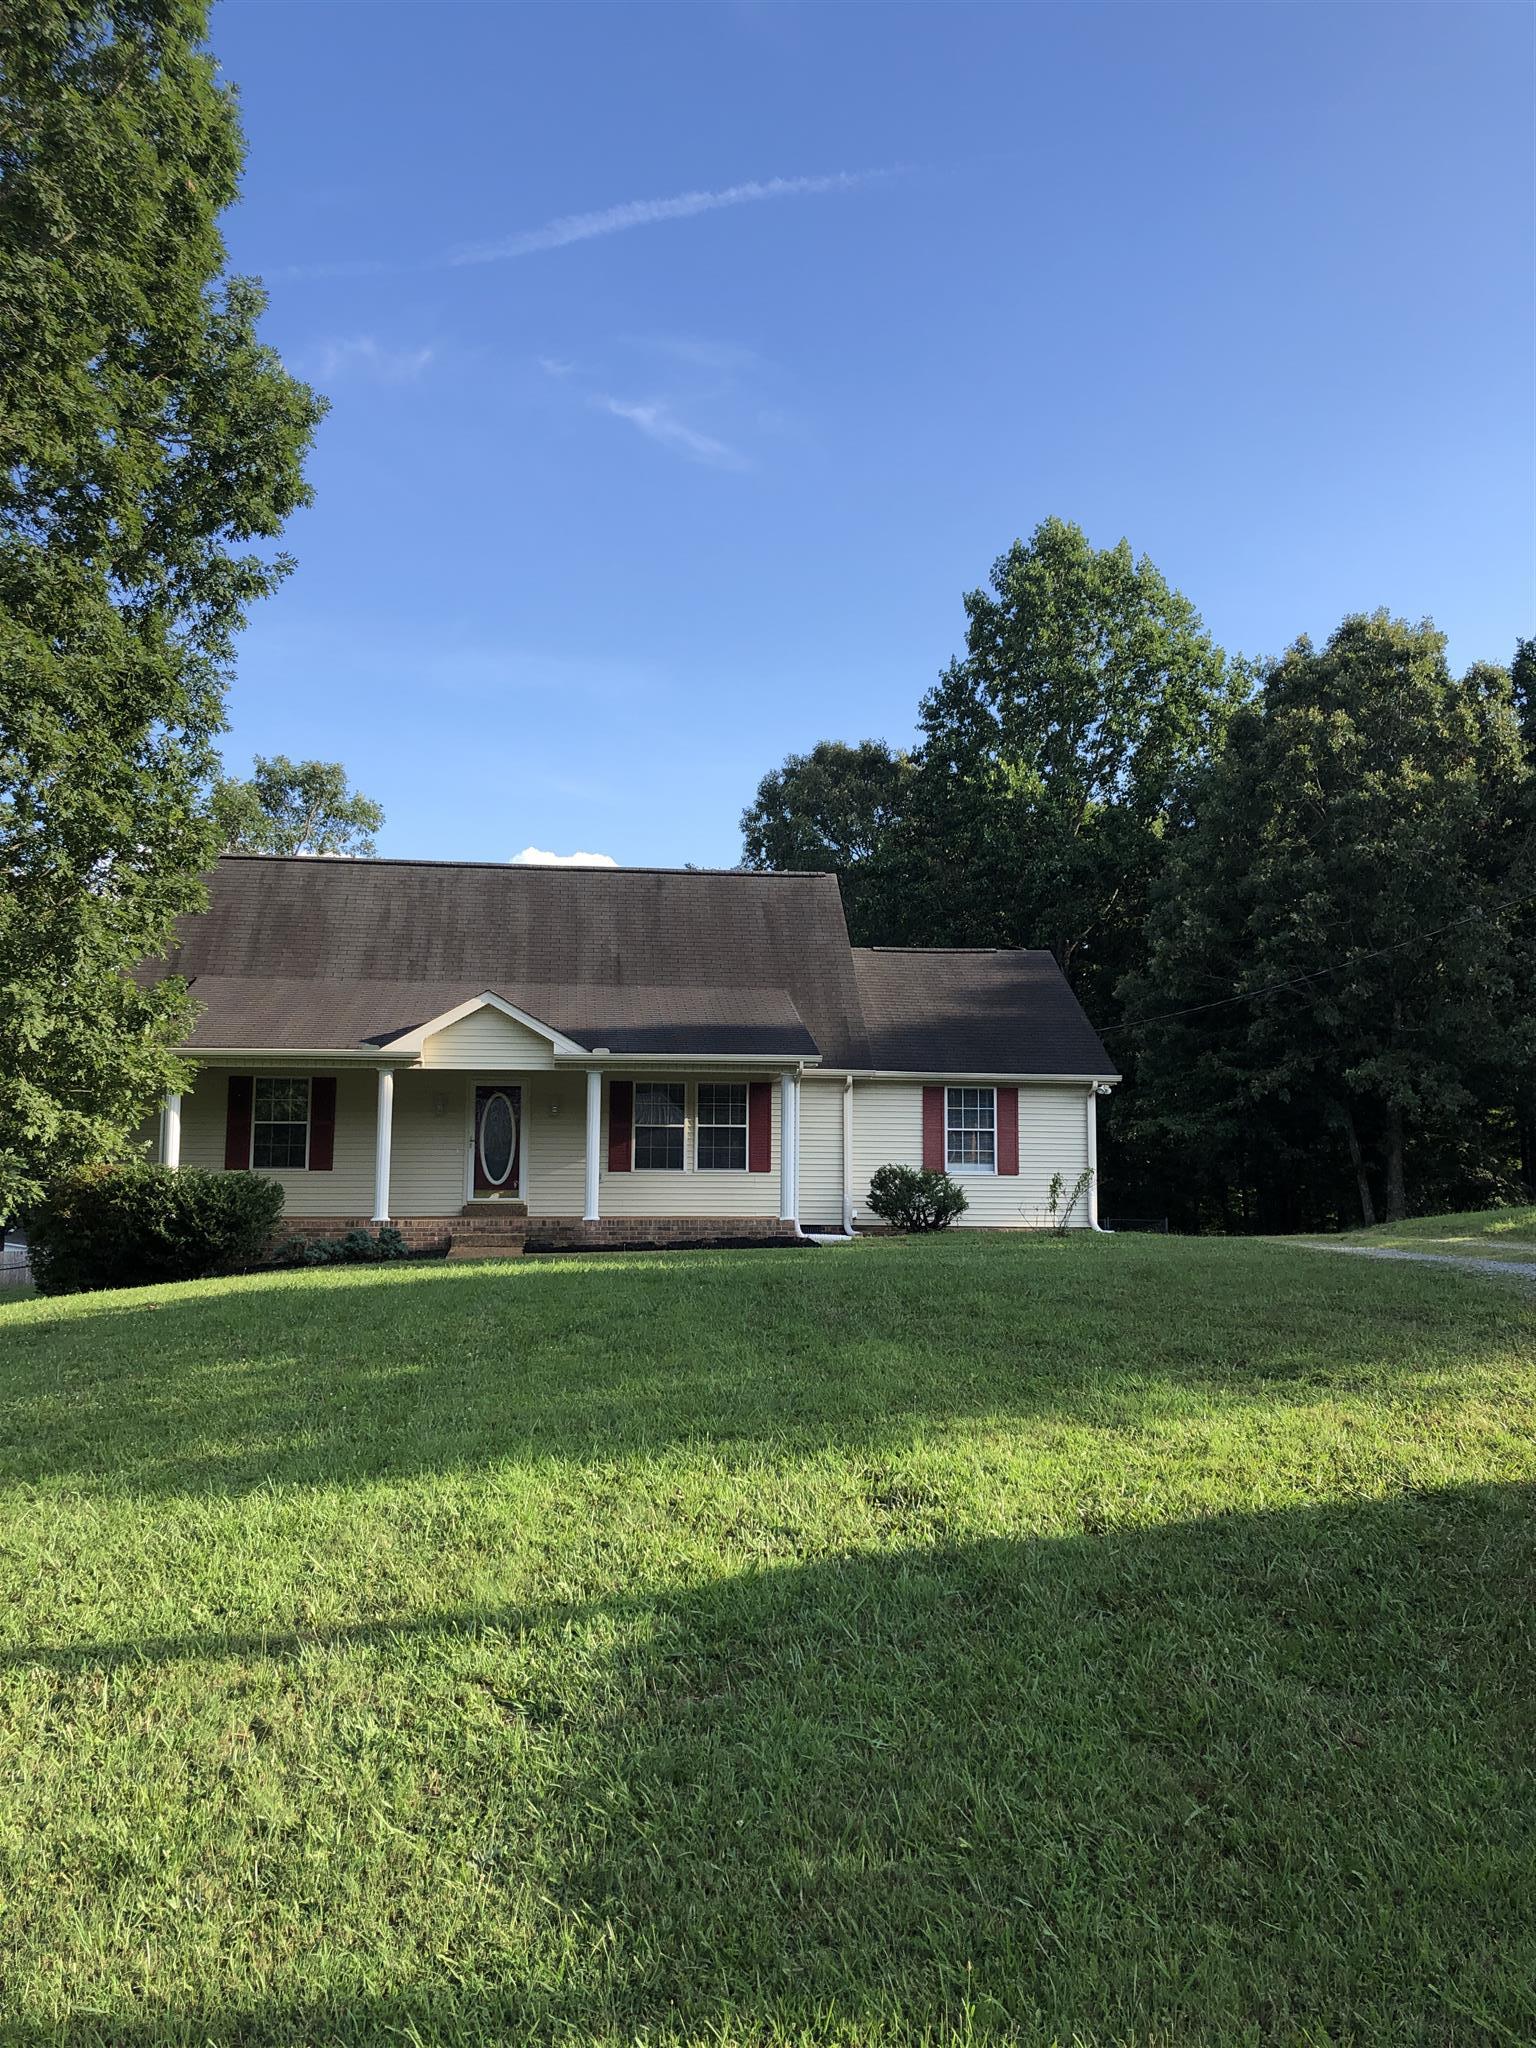 230 Bobwhite Dr, Lyles, TN 37098 - Lyles, TN real estate listing